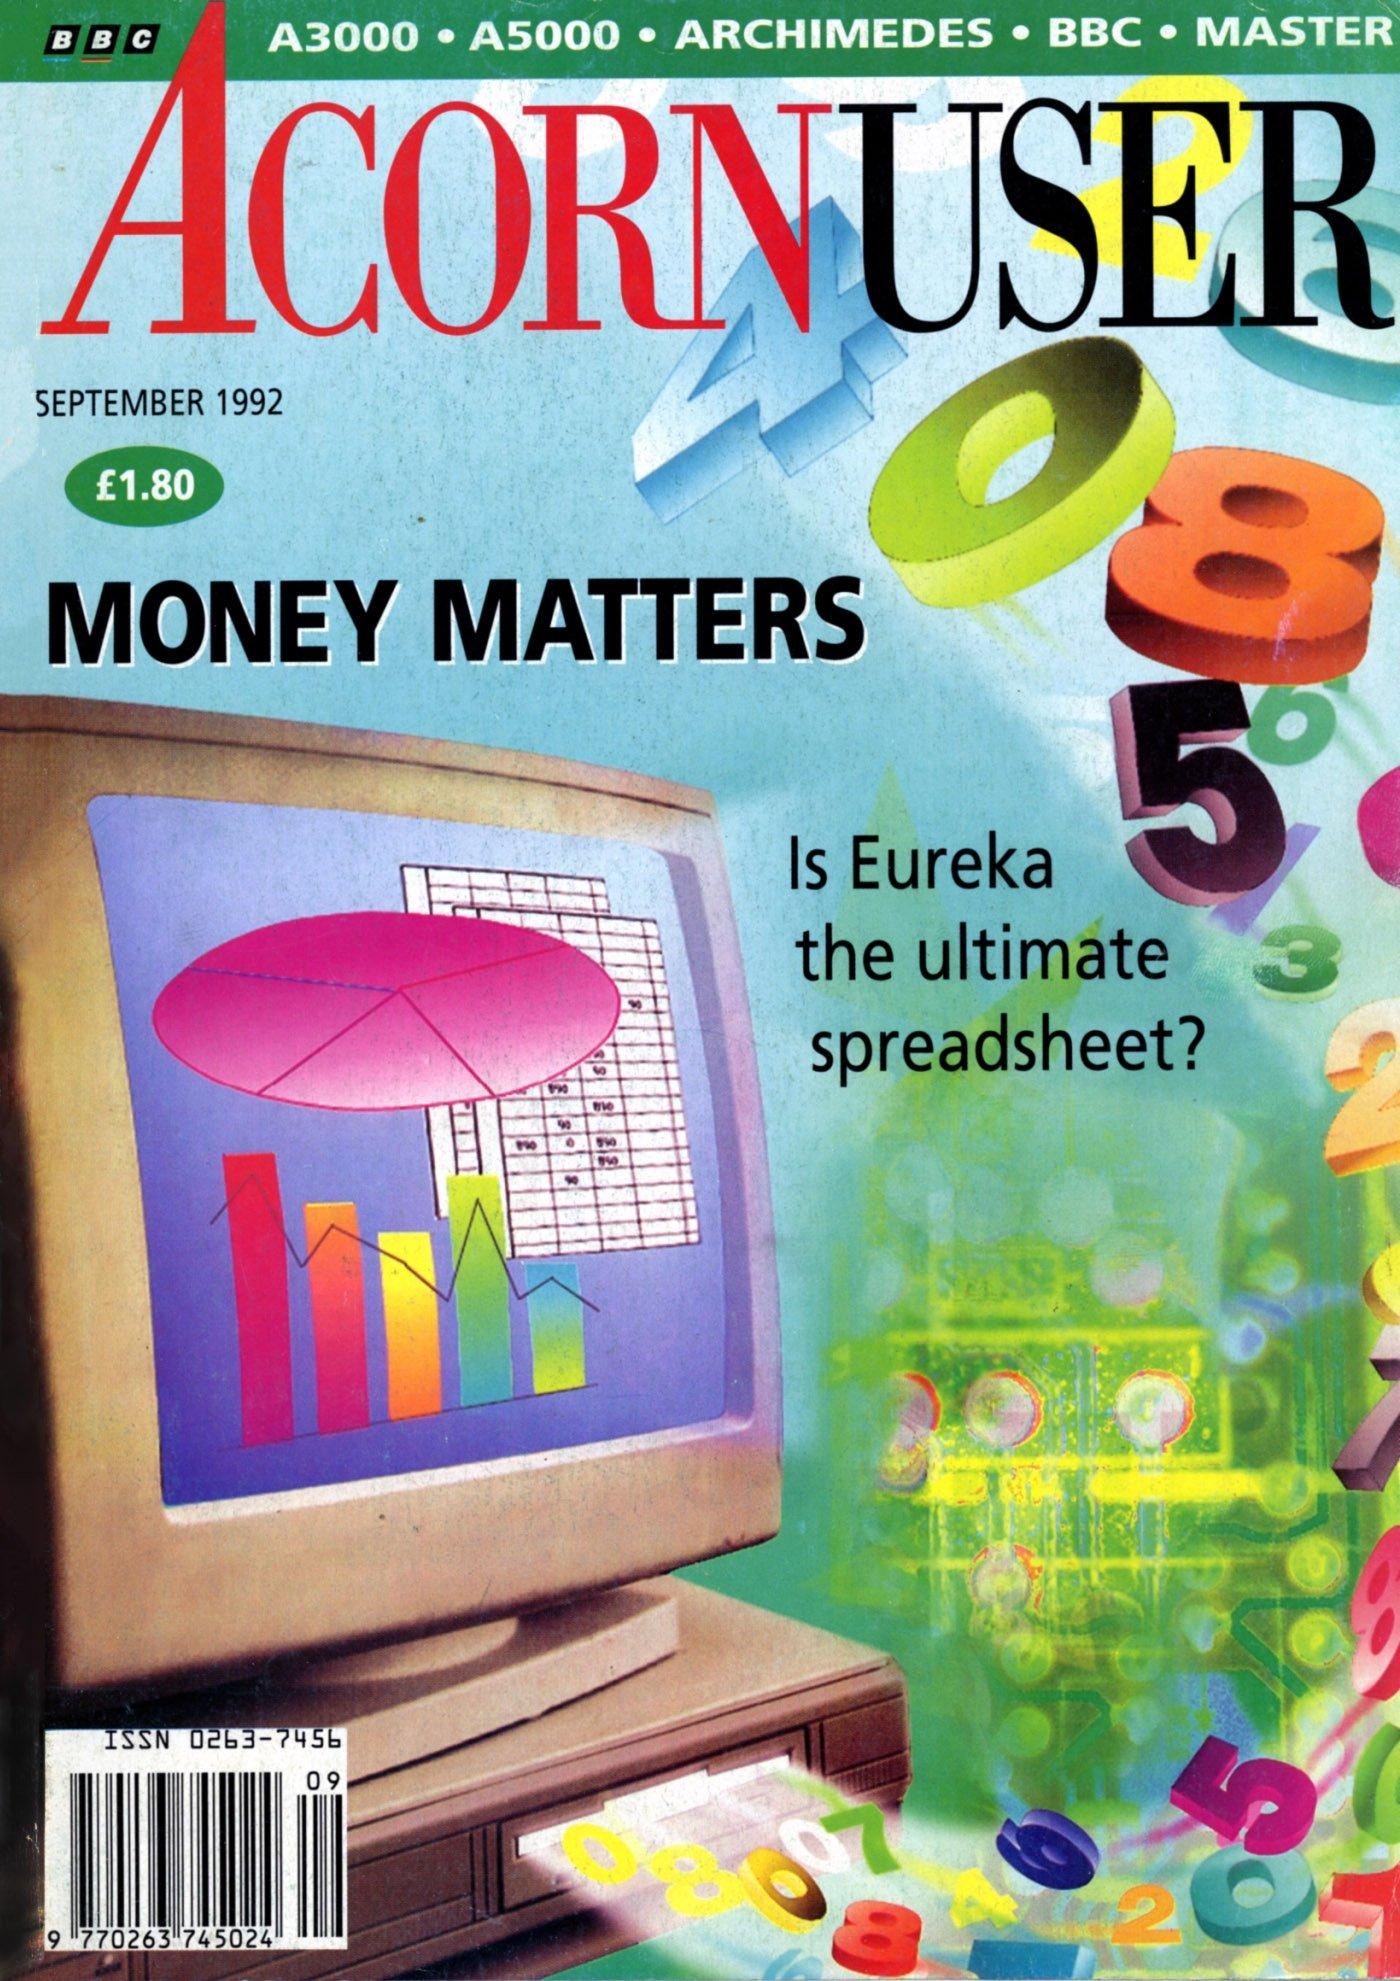 Acorn User 122 (September 1992)